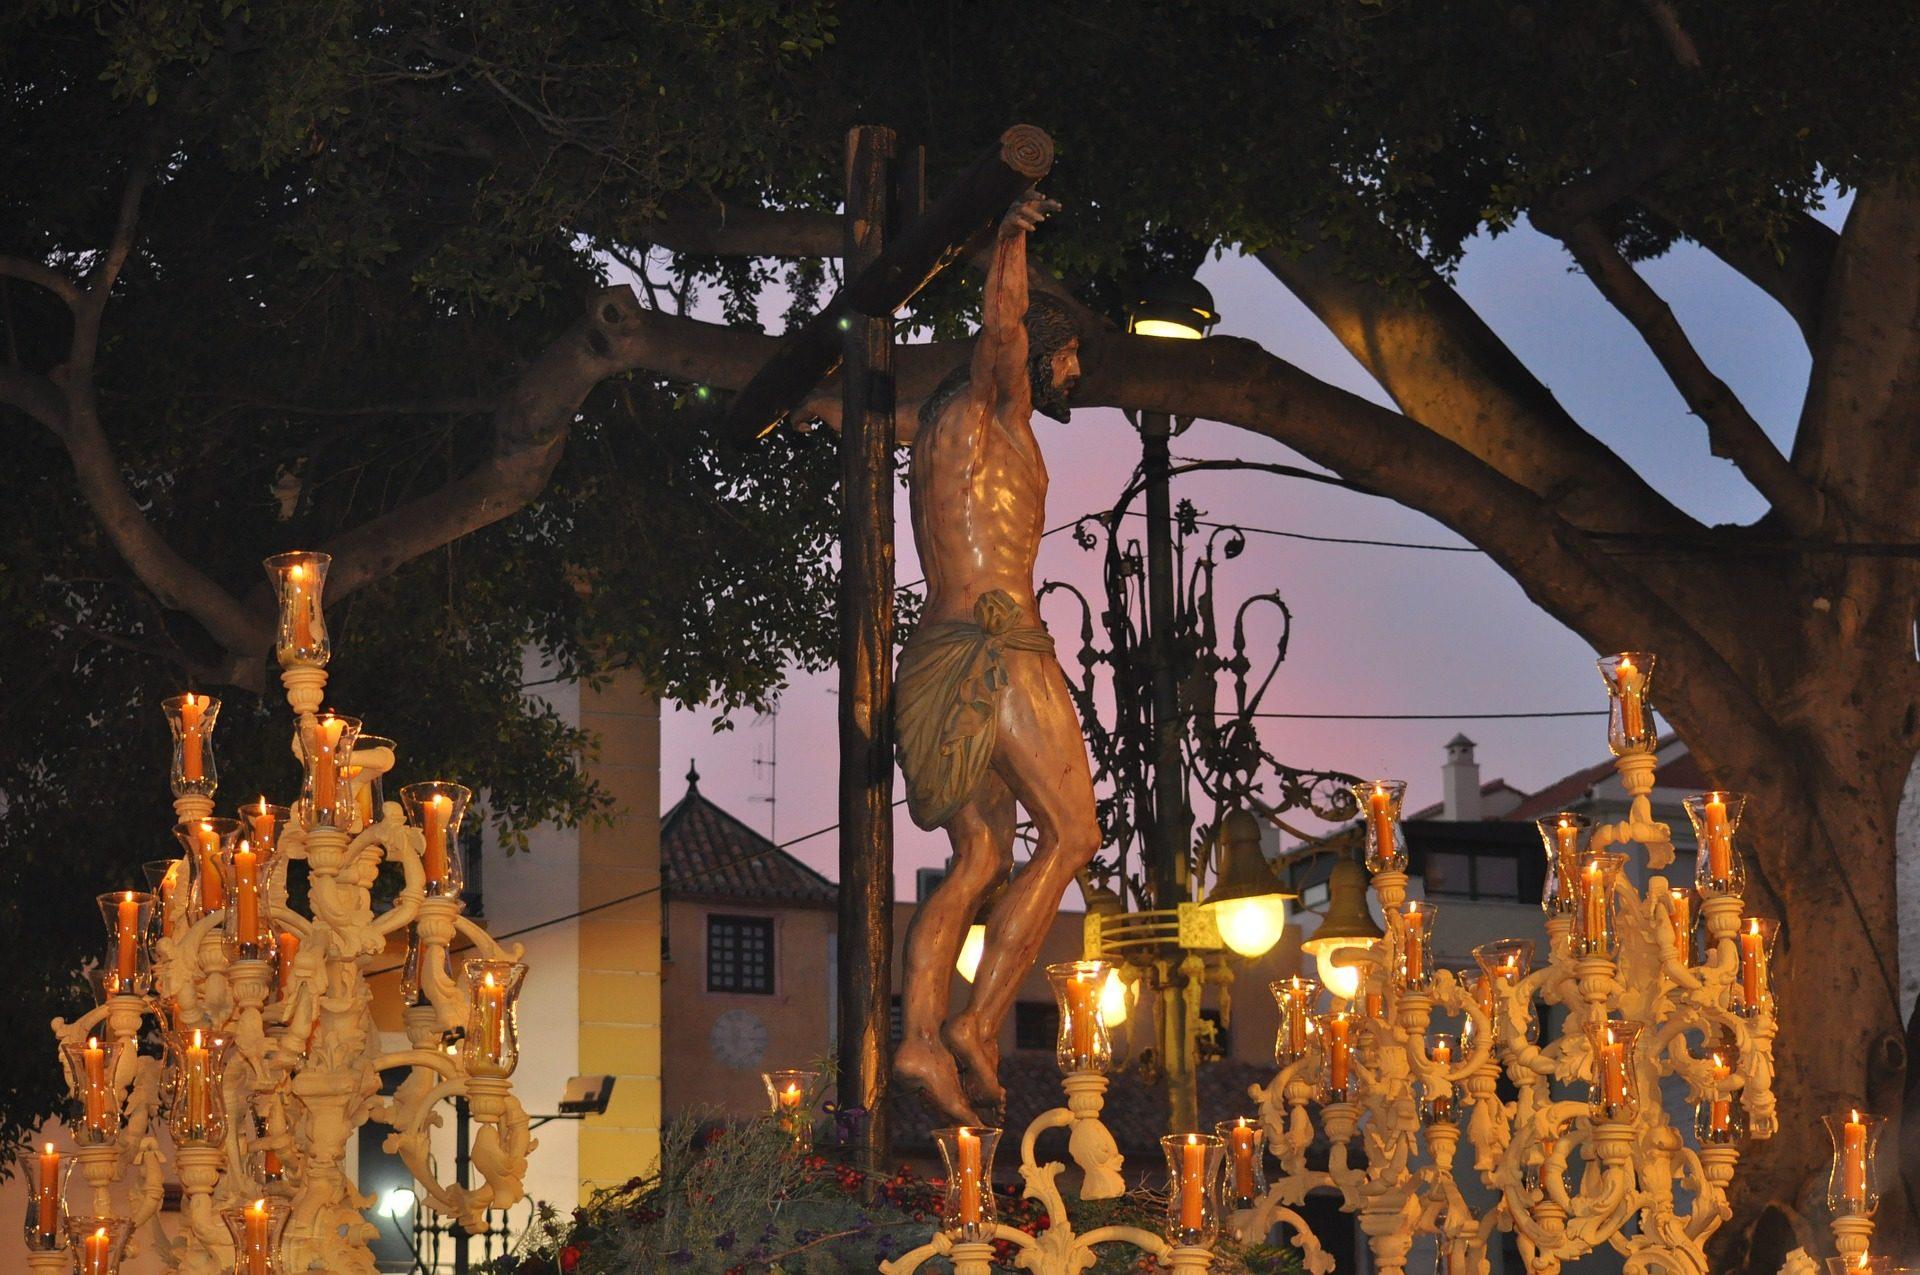 复活节, 一步, 游行, 基督, 马拉加, 西班牙 - 高清壁纸 - 教授-falken.com